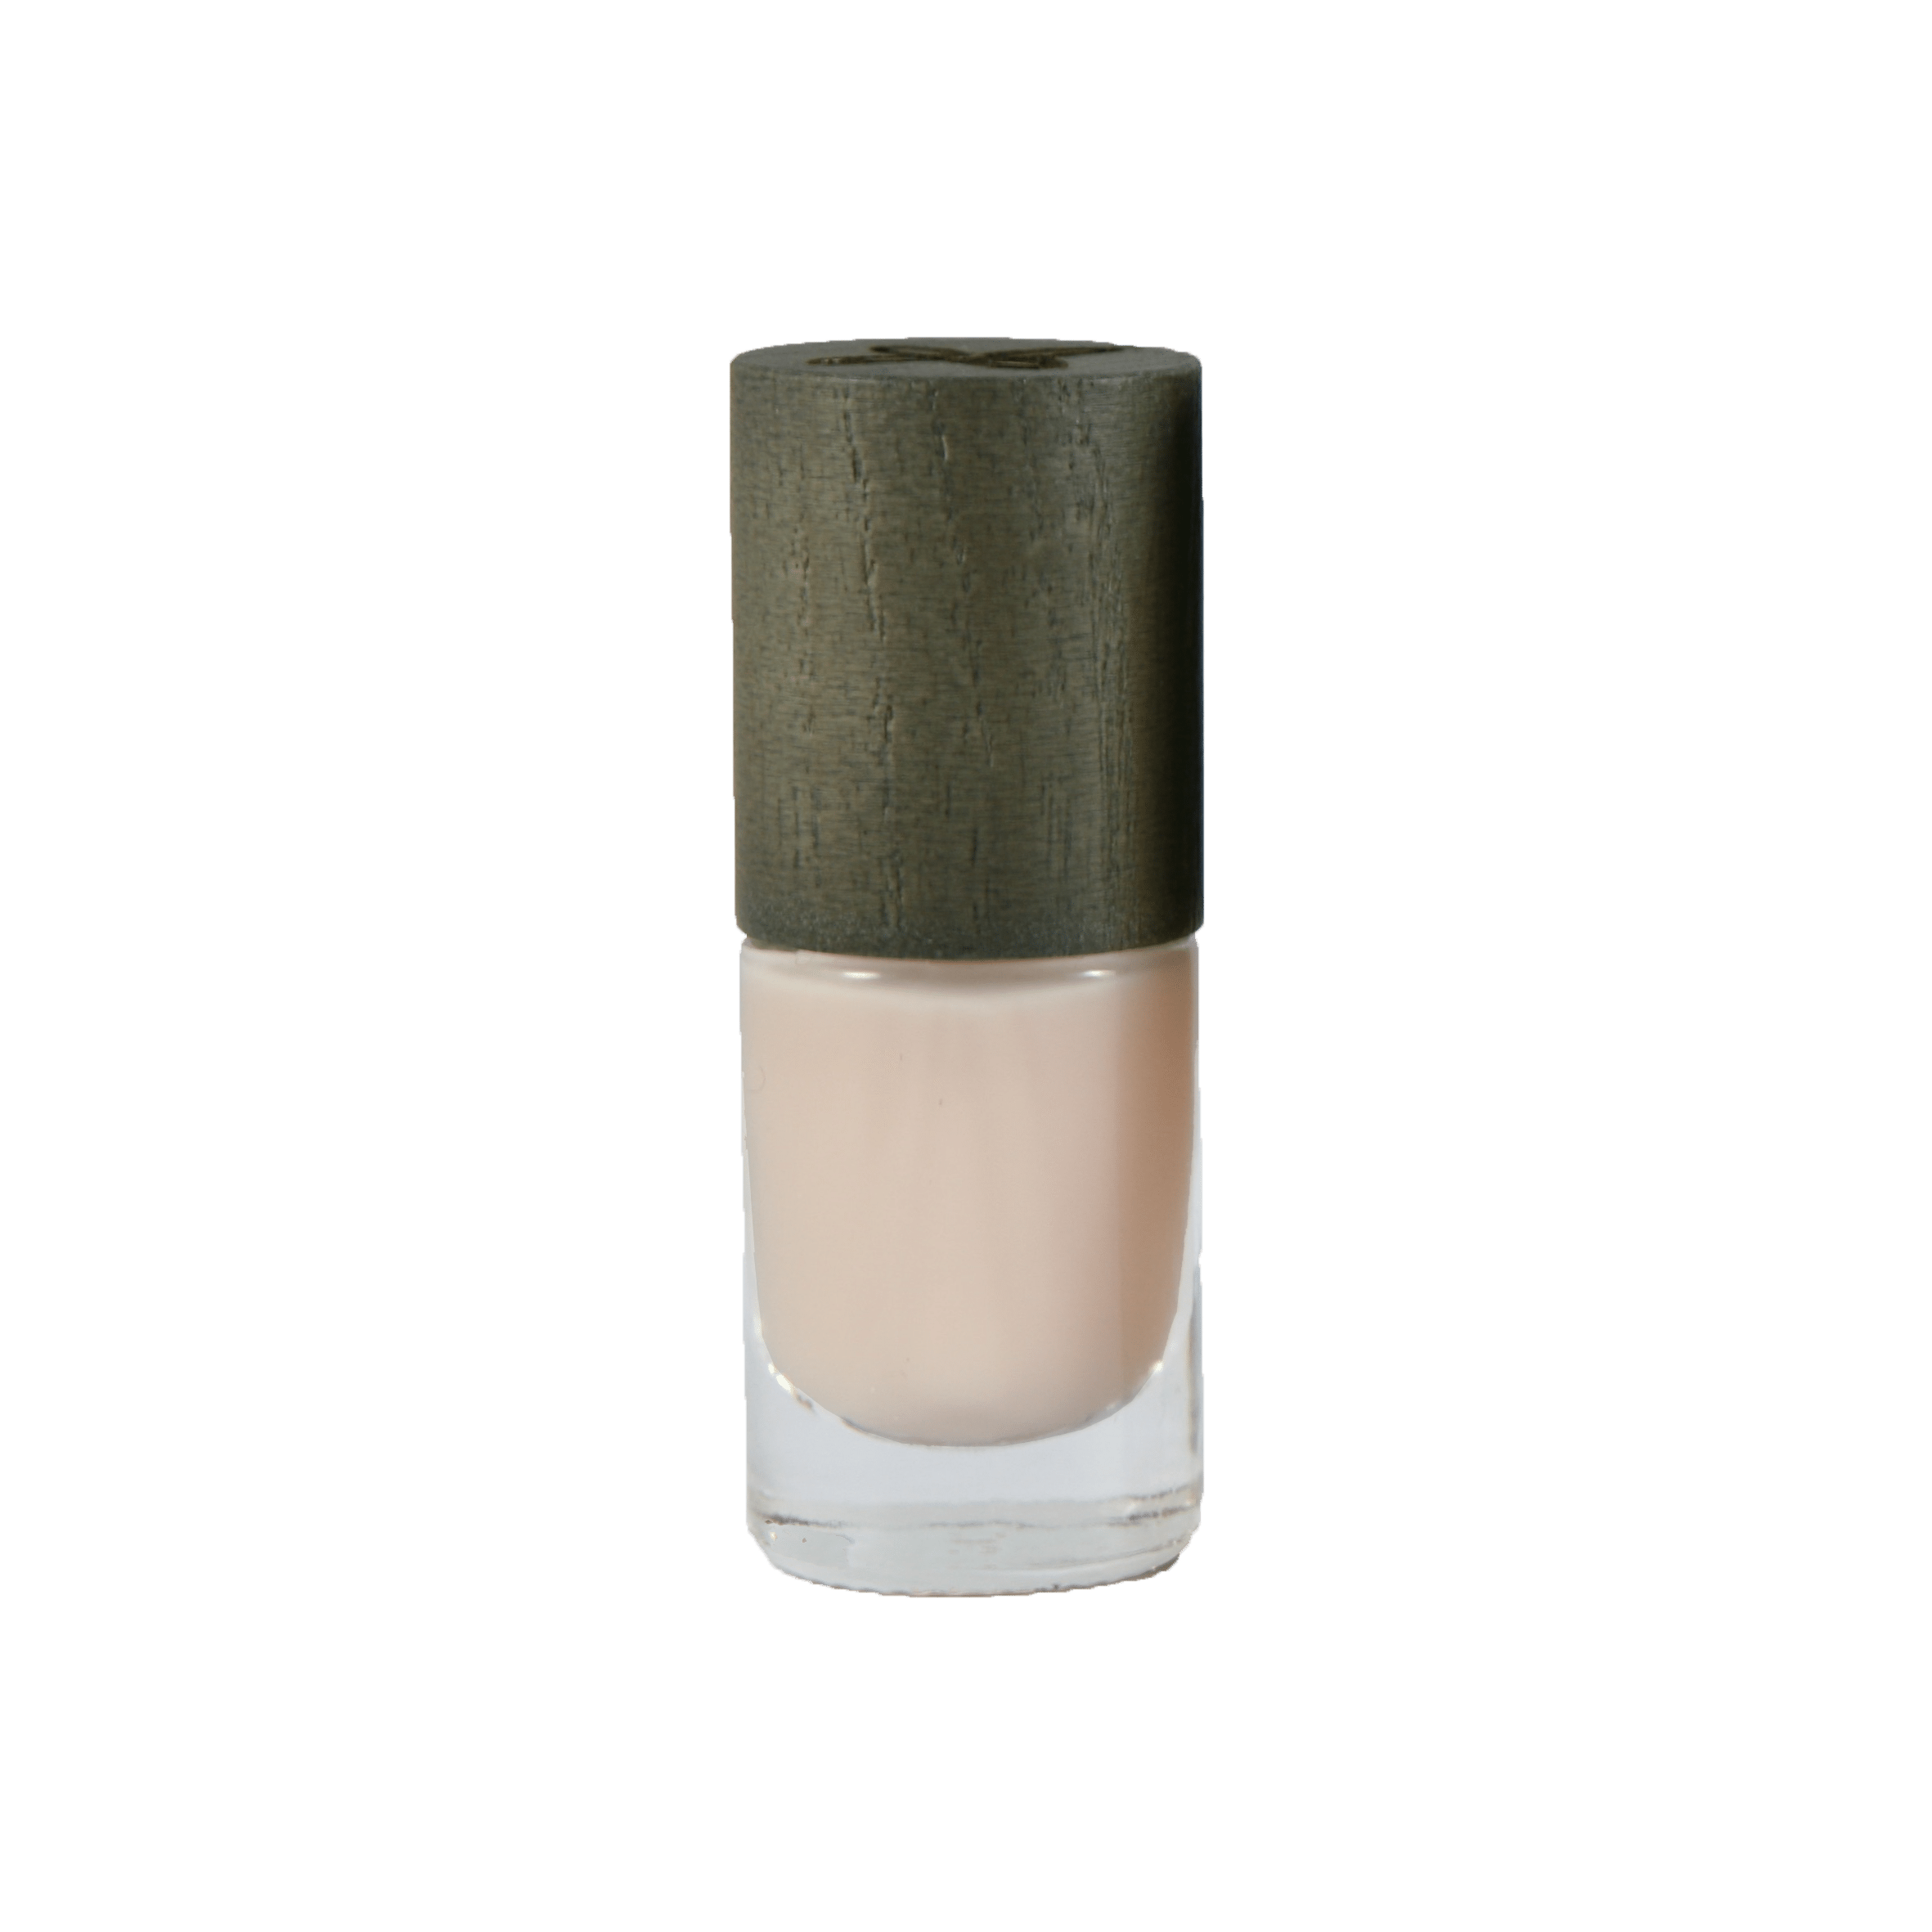 Esmalte de uñas 49 Rose blanche | Ecoeko